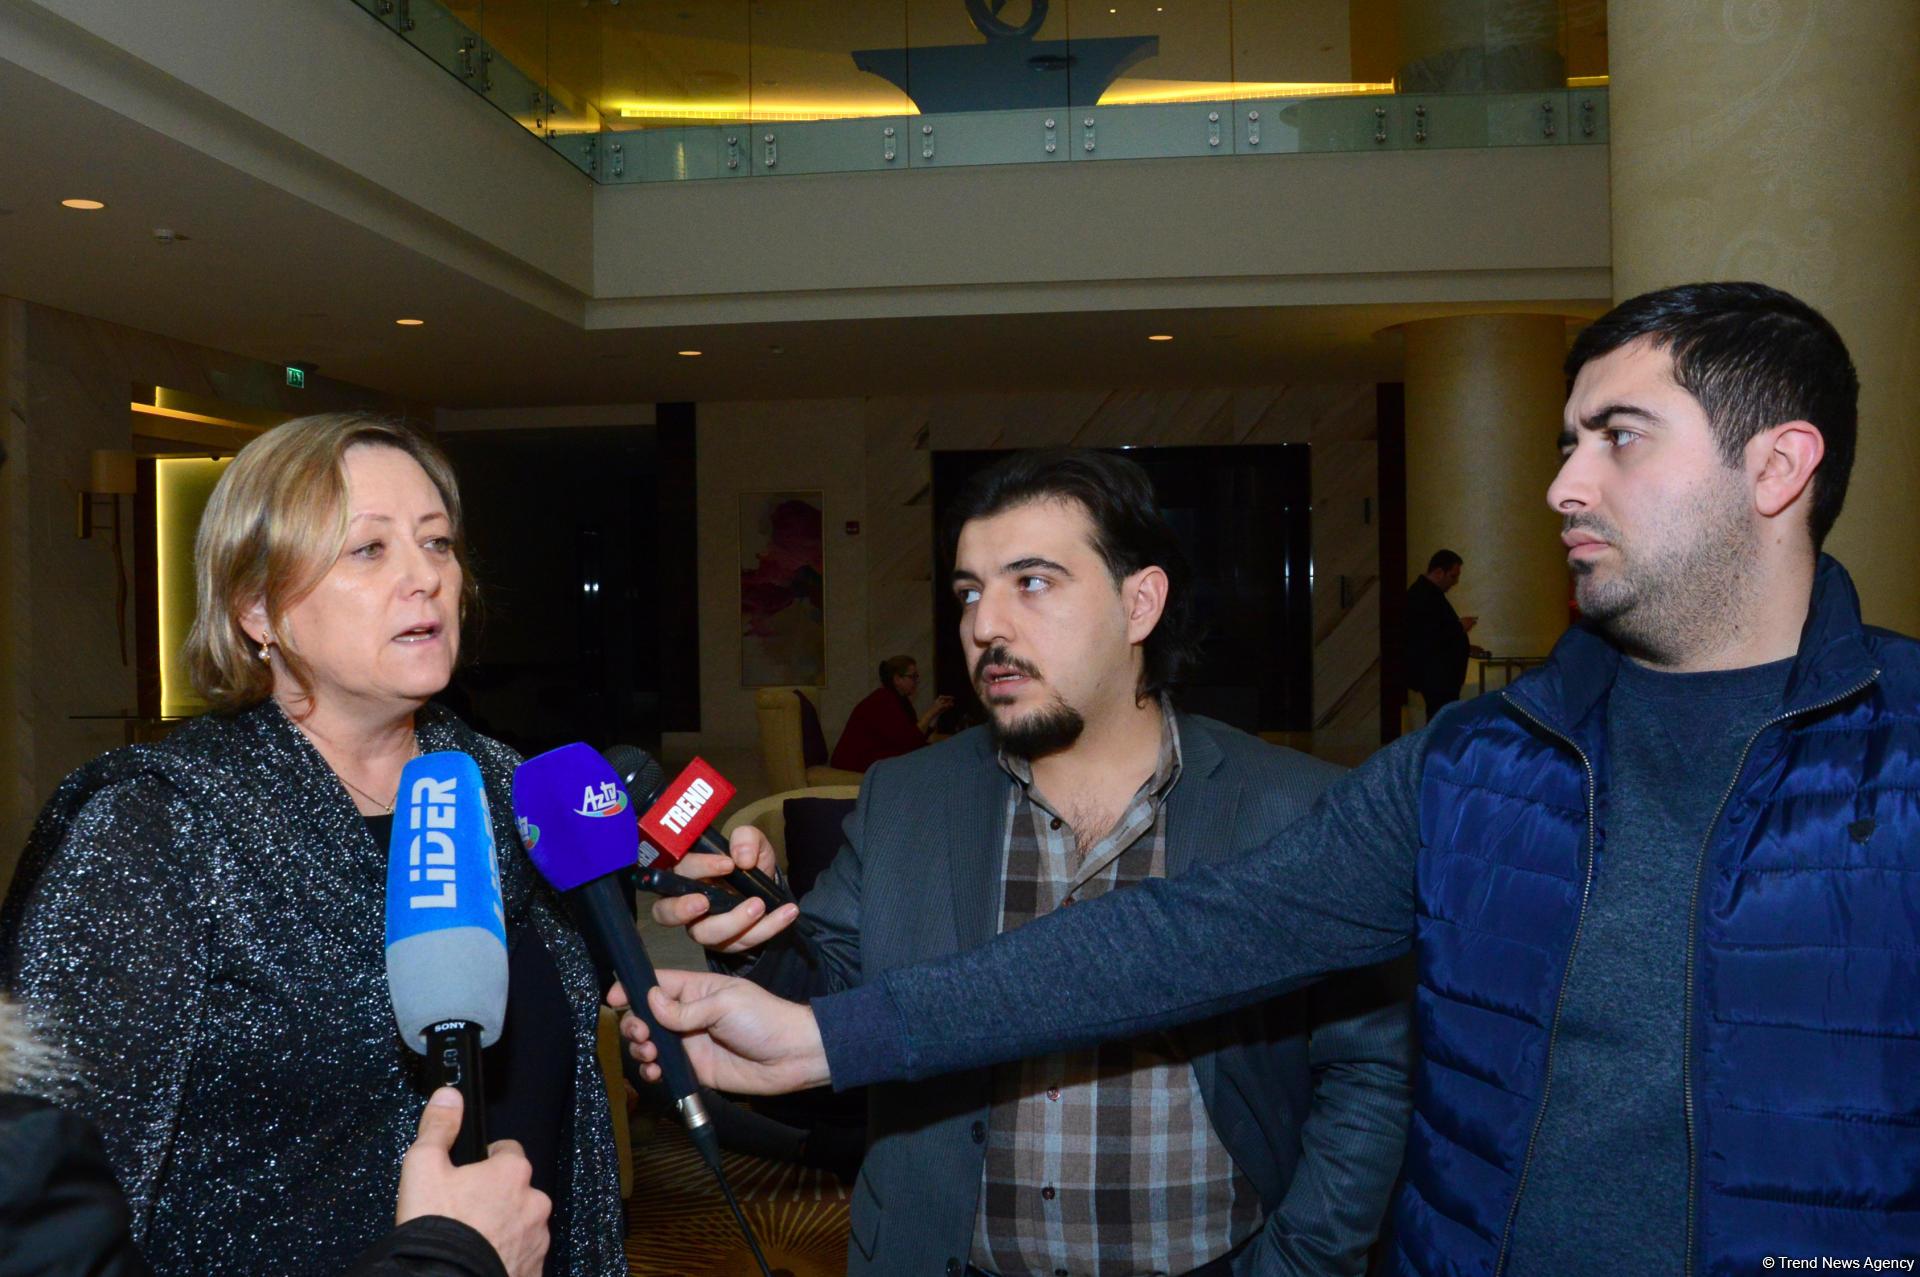 FIG texniki direktoru: Bakı Qitələrarası hakimlik kurslarının təşkilatçılığının öhdəsindən uğurla gəldi (FOTO)